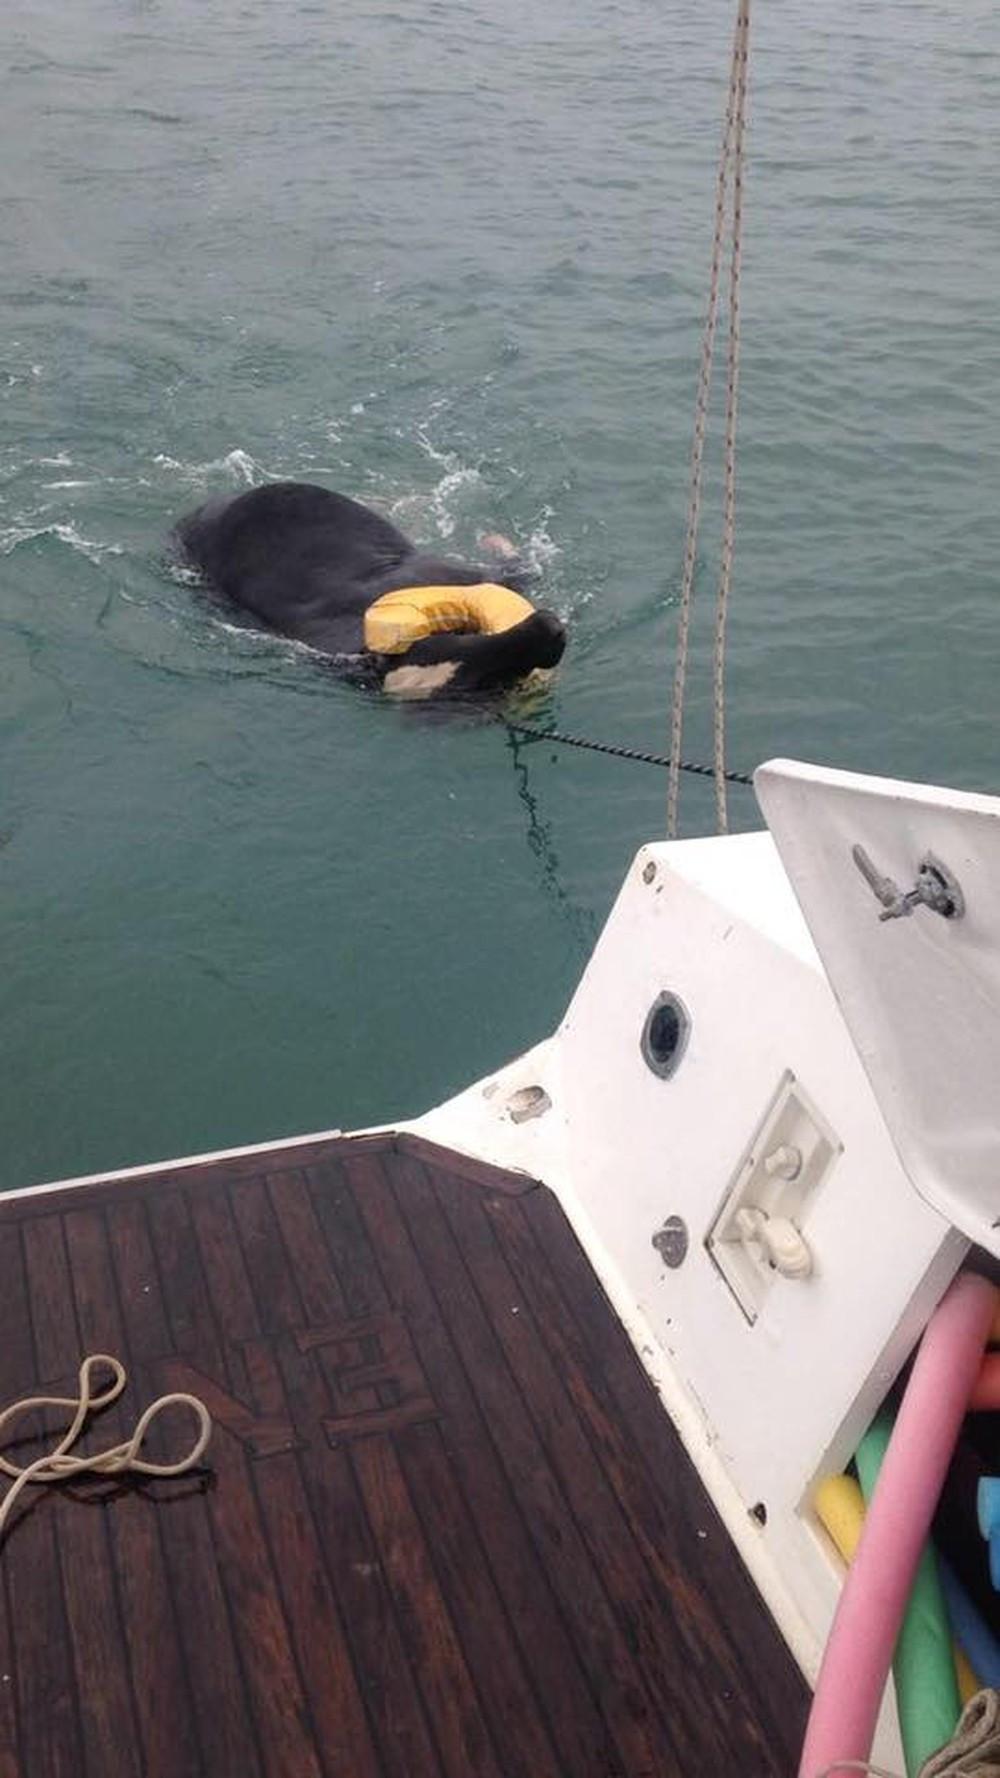 Boi à deriva no mar é resgatado em São Sebastião (Foto: Tribuna do Povo/arquivo)